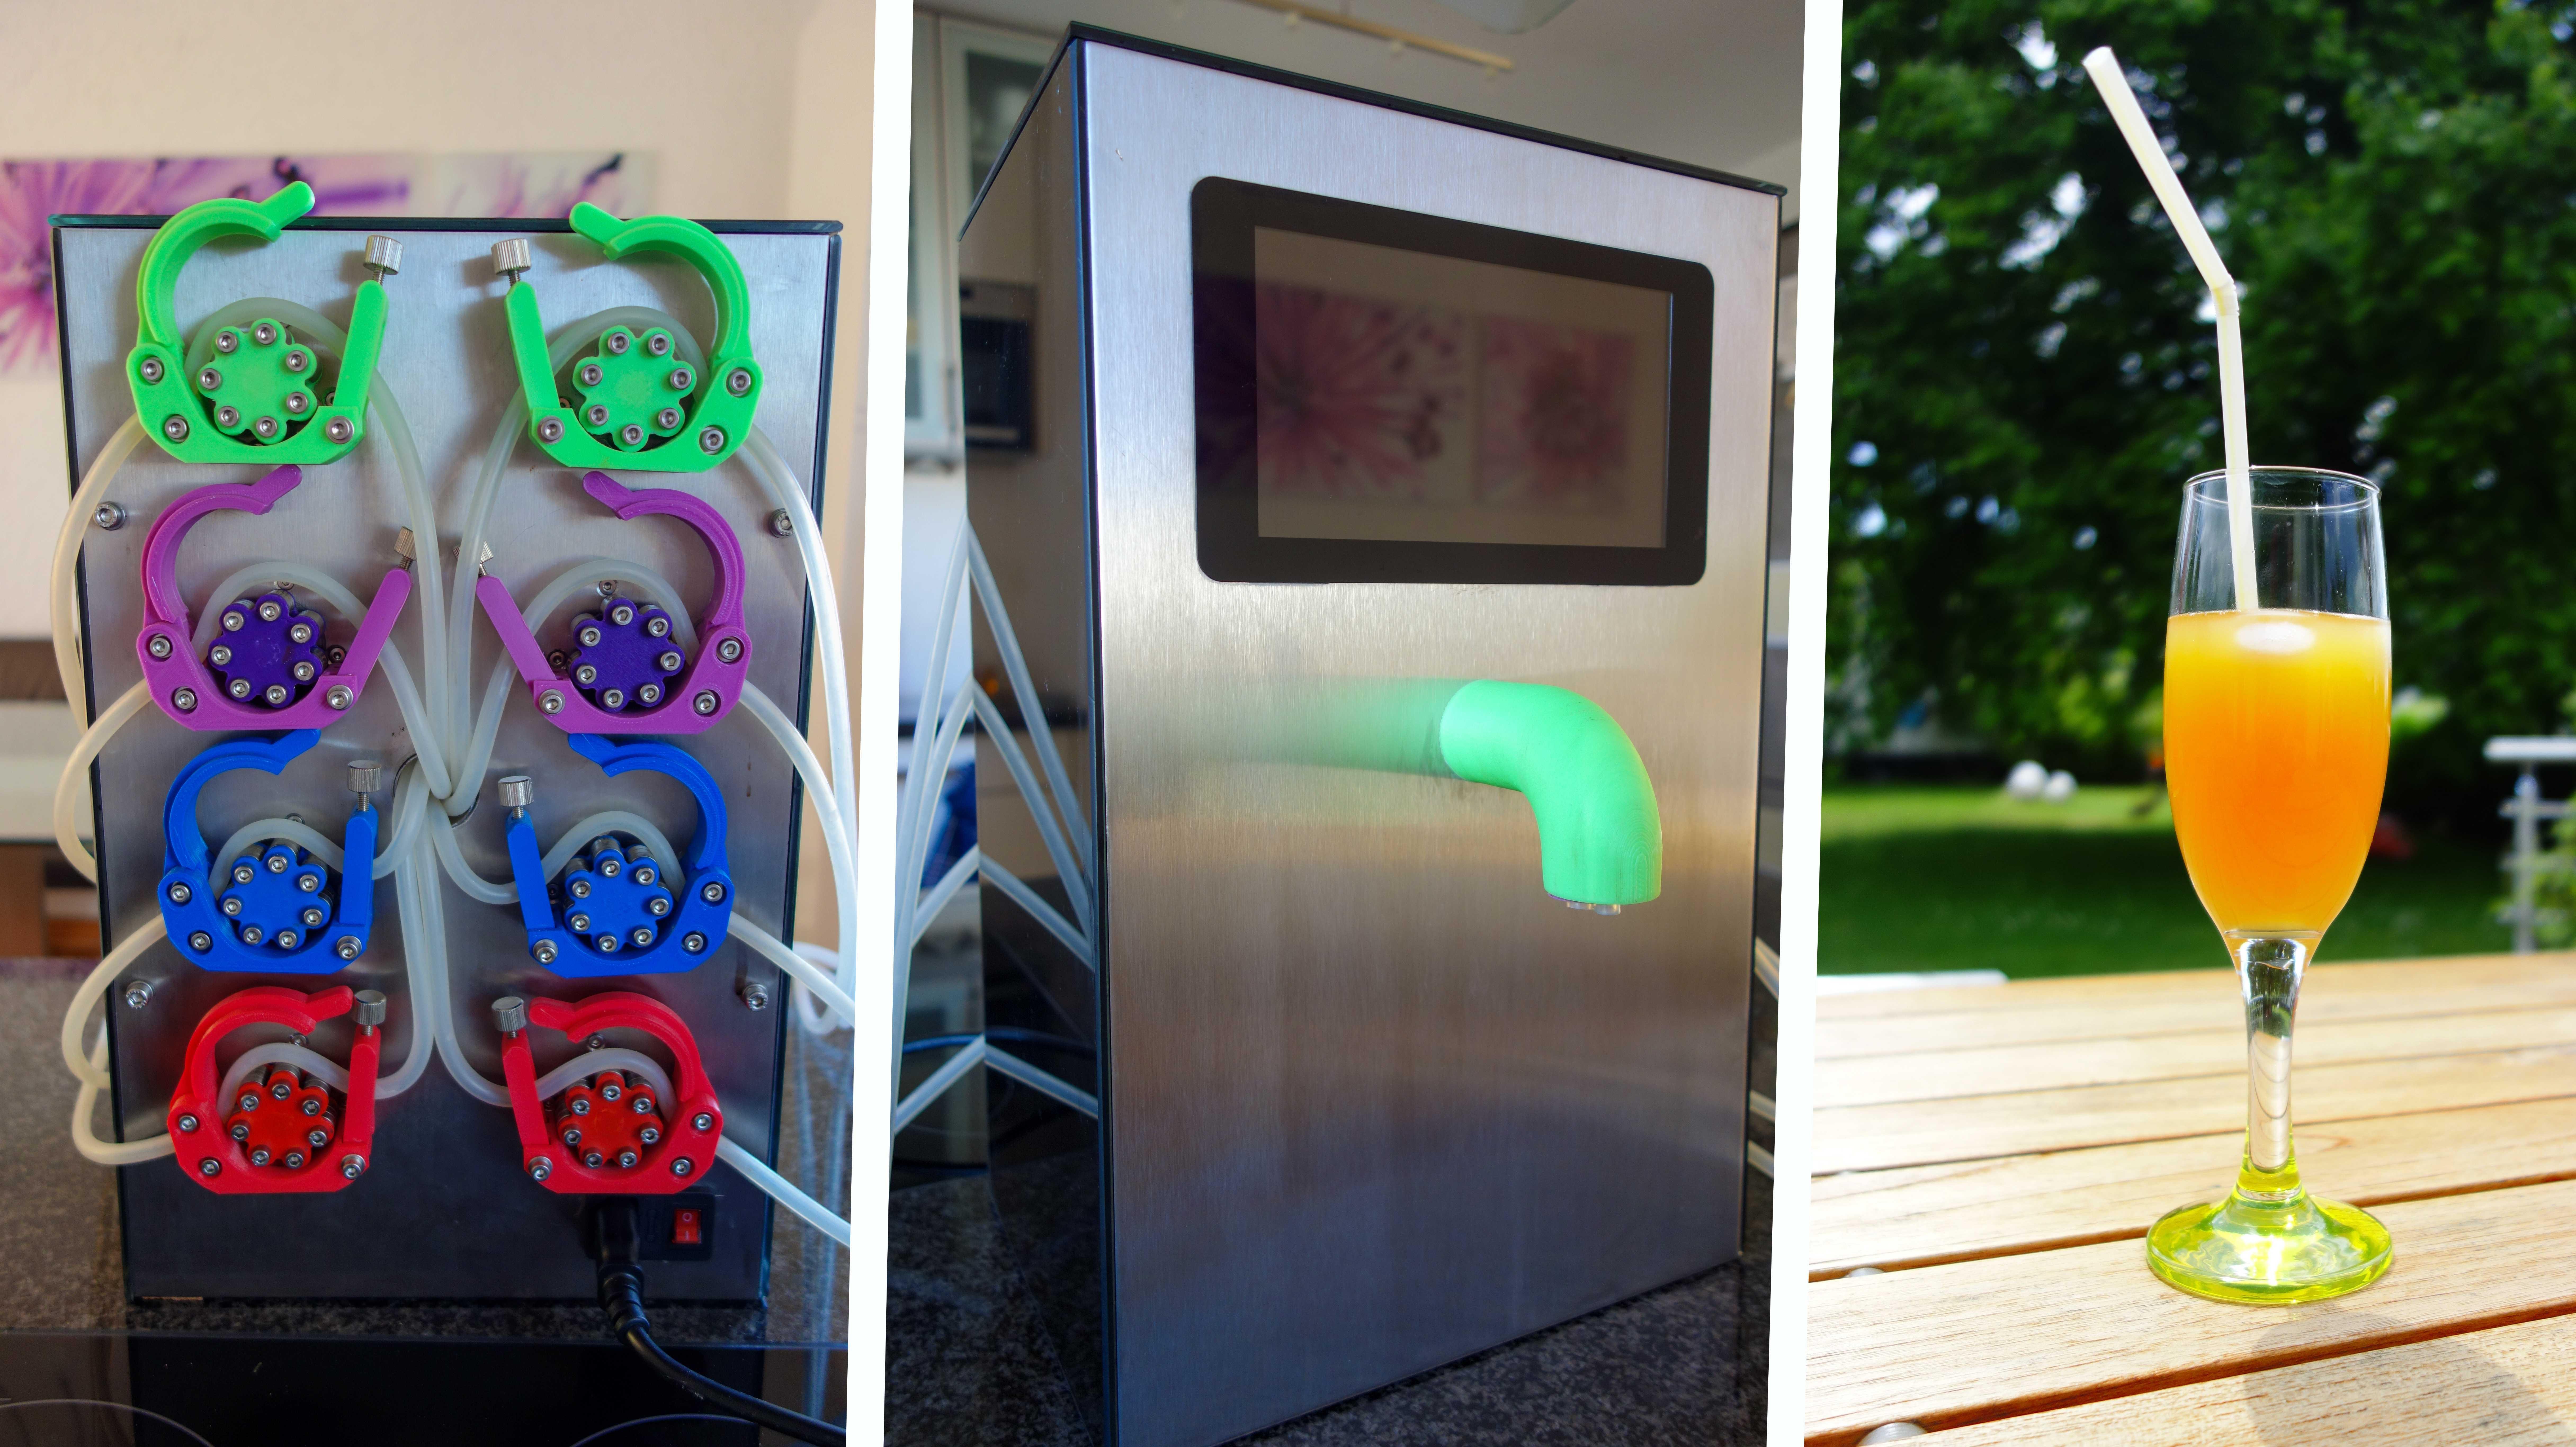 Cocktailmaschinen-Collage der Rückseite mit Schlauchpumpen, Vorderseite mit grünem Ausguss und Display sowie einem Glas mit Saft.